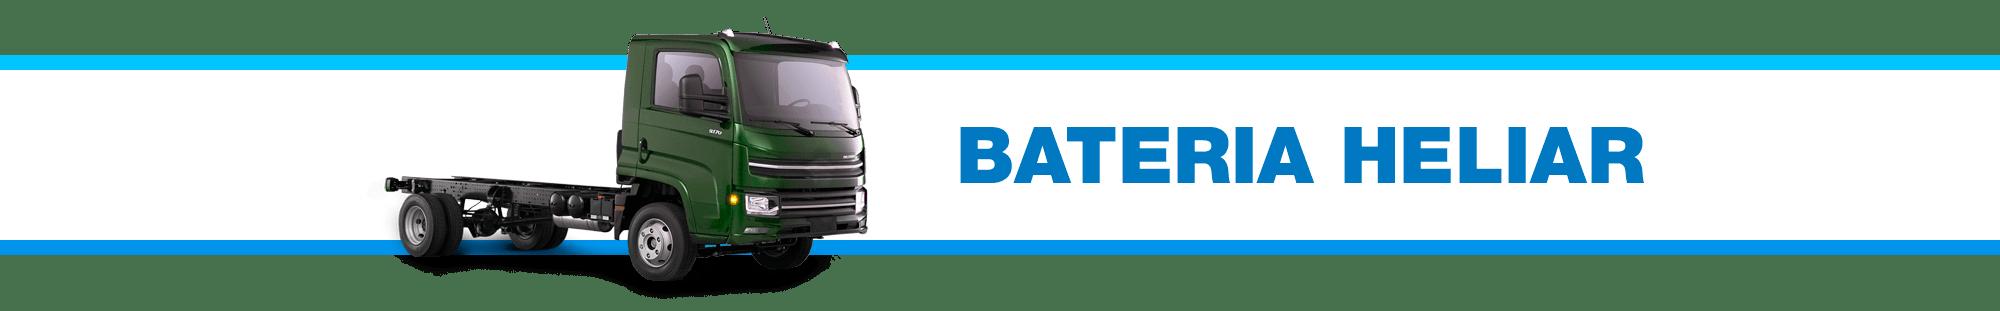 sv-baterias-bateria-heliar-caminho-v1